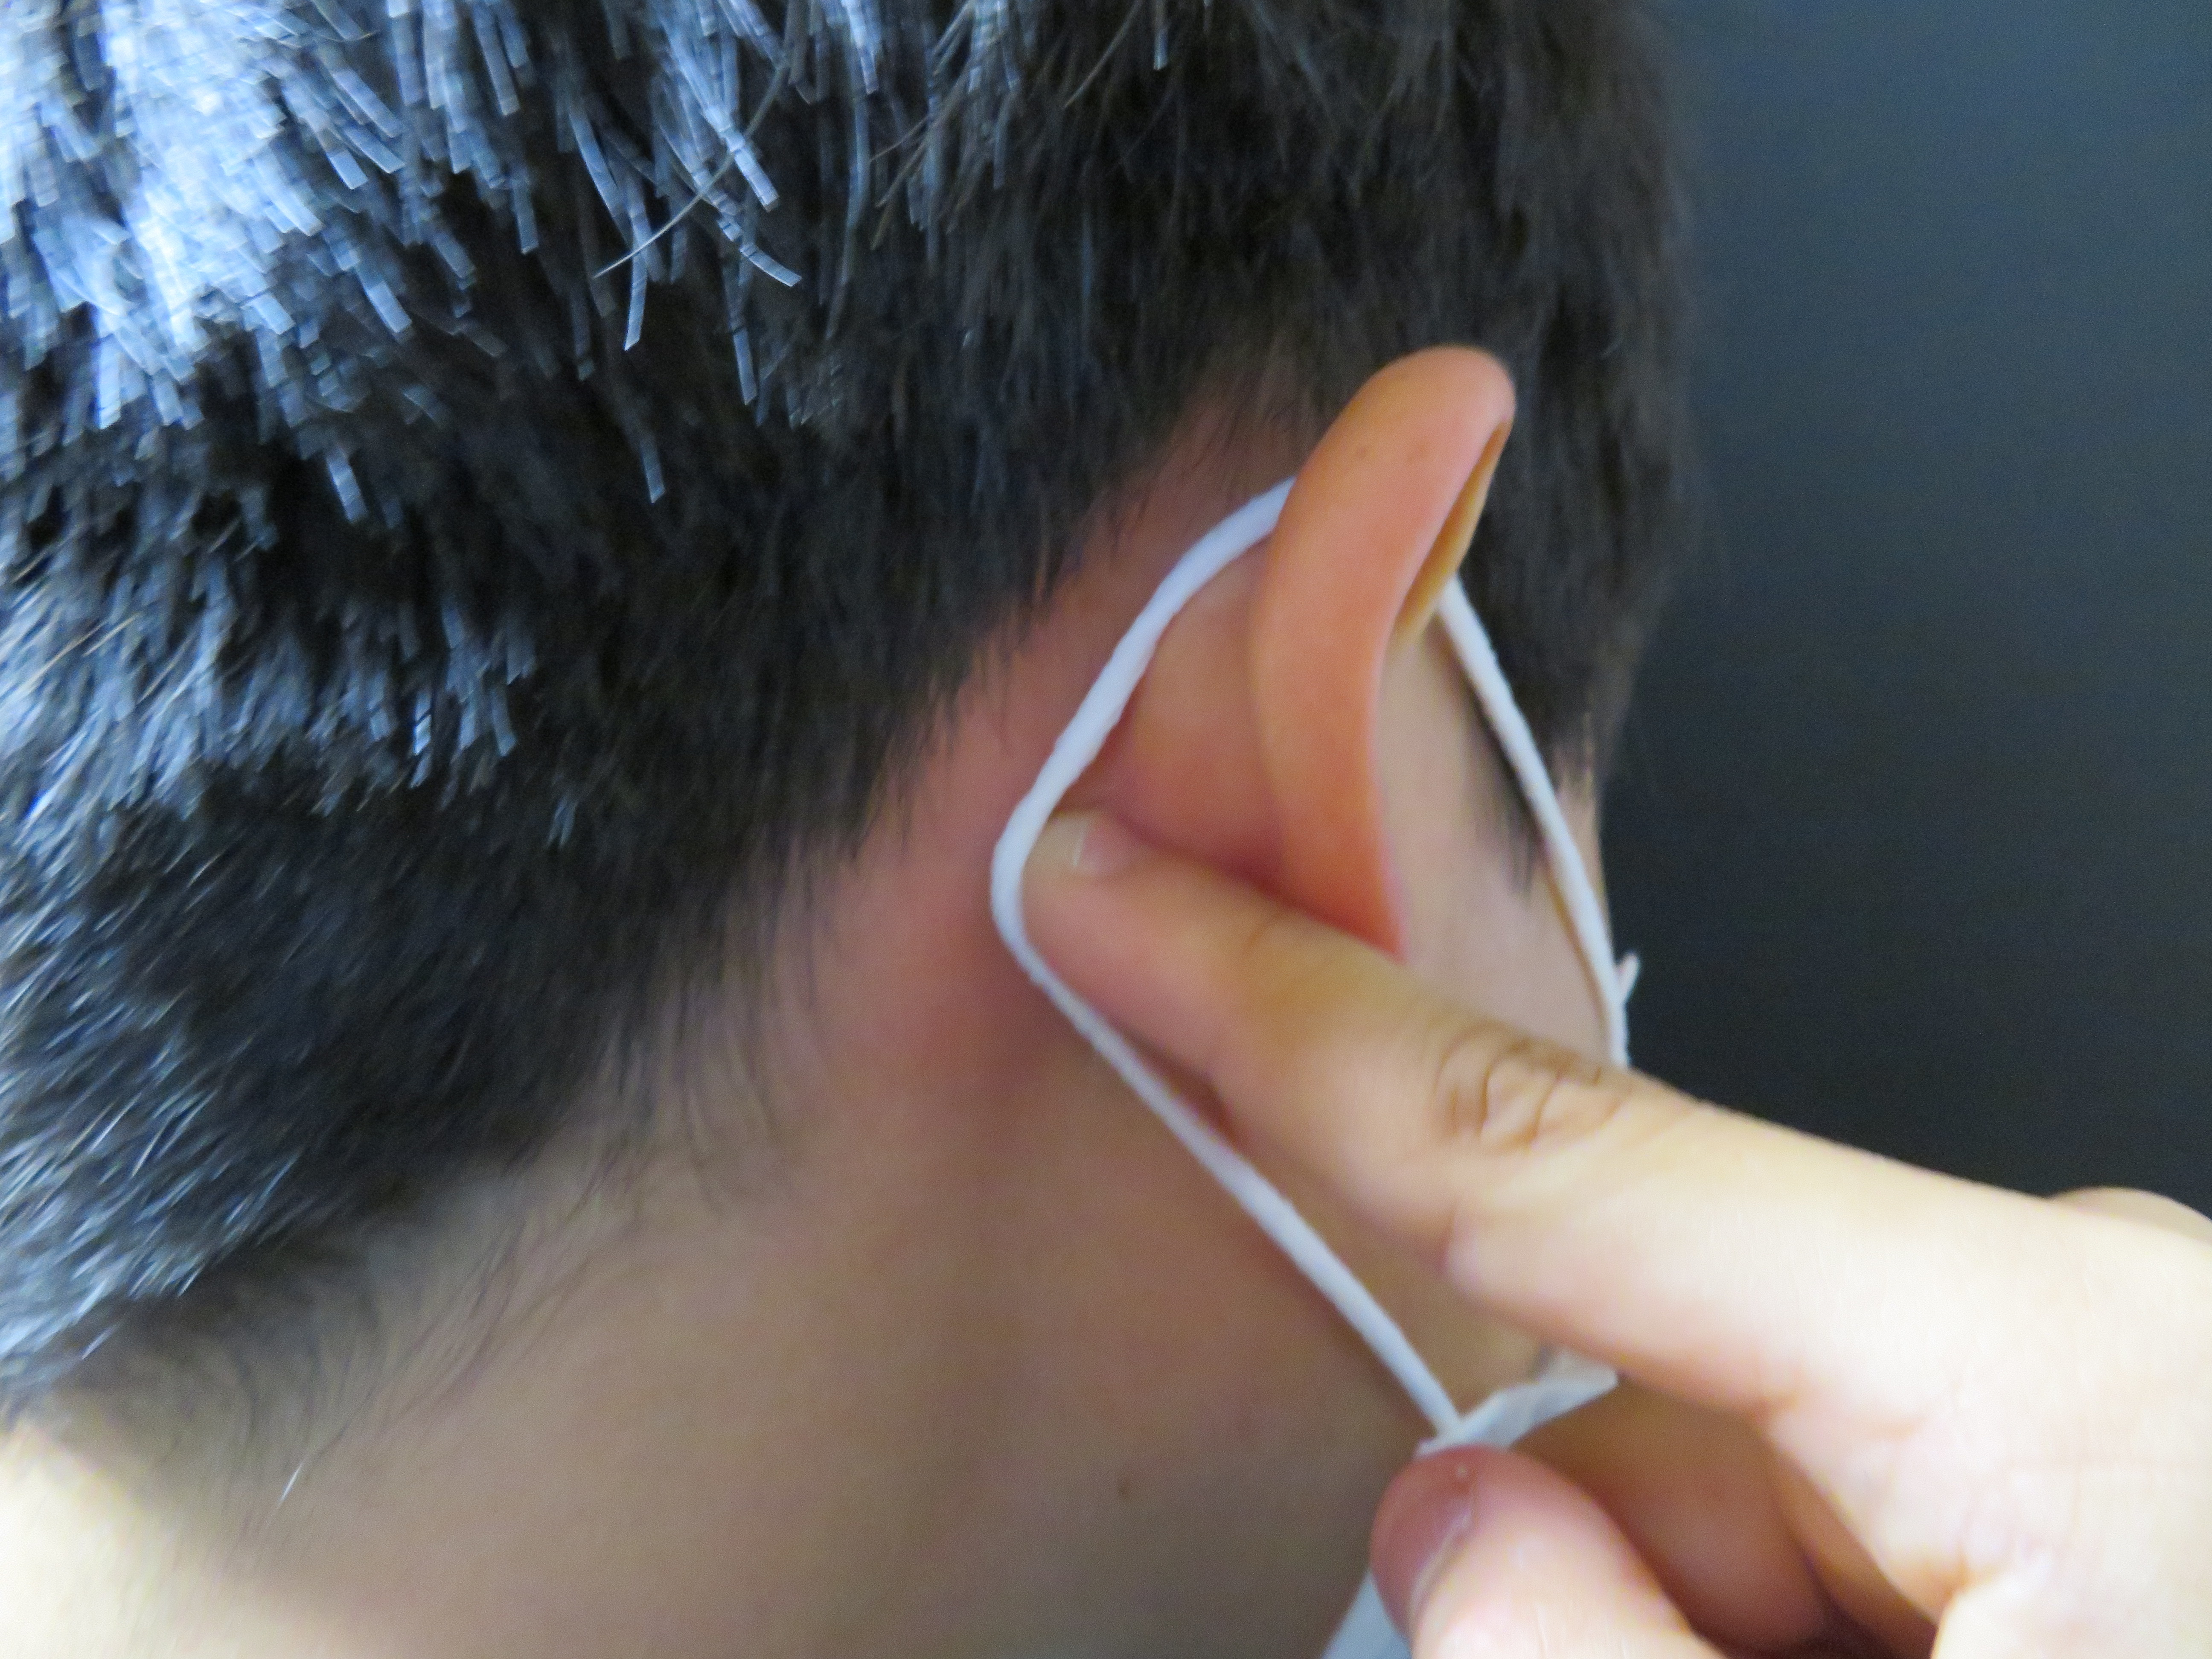 ならない 輪ゴム 痛く マスク 耳 が